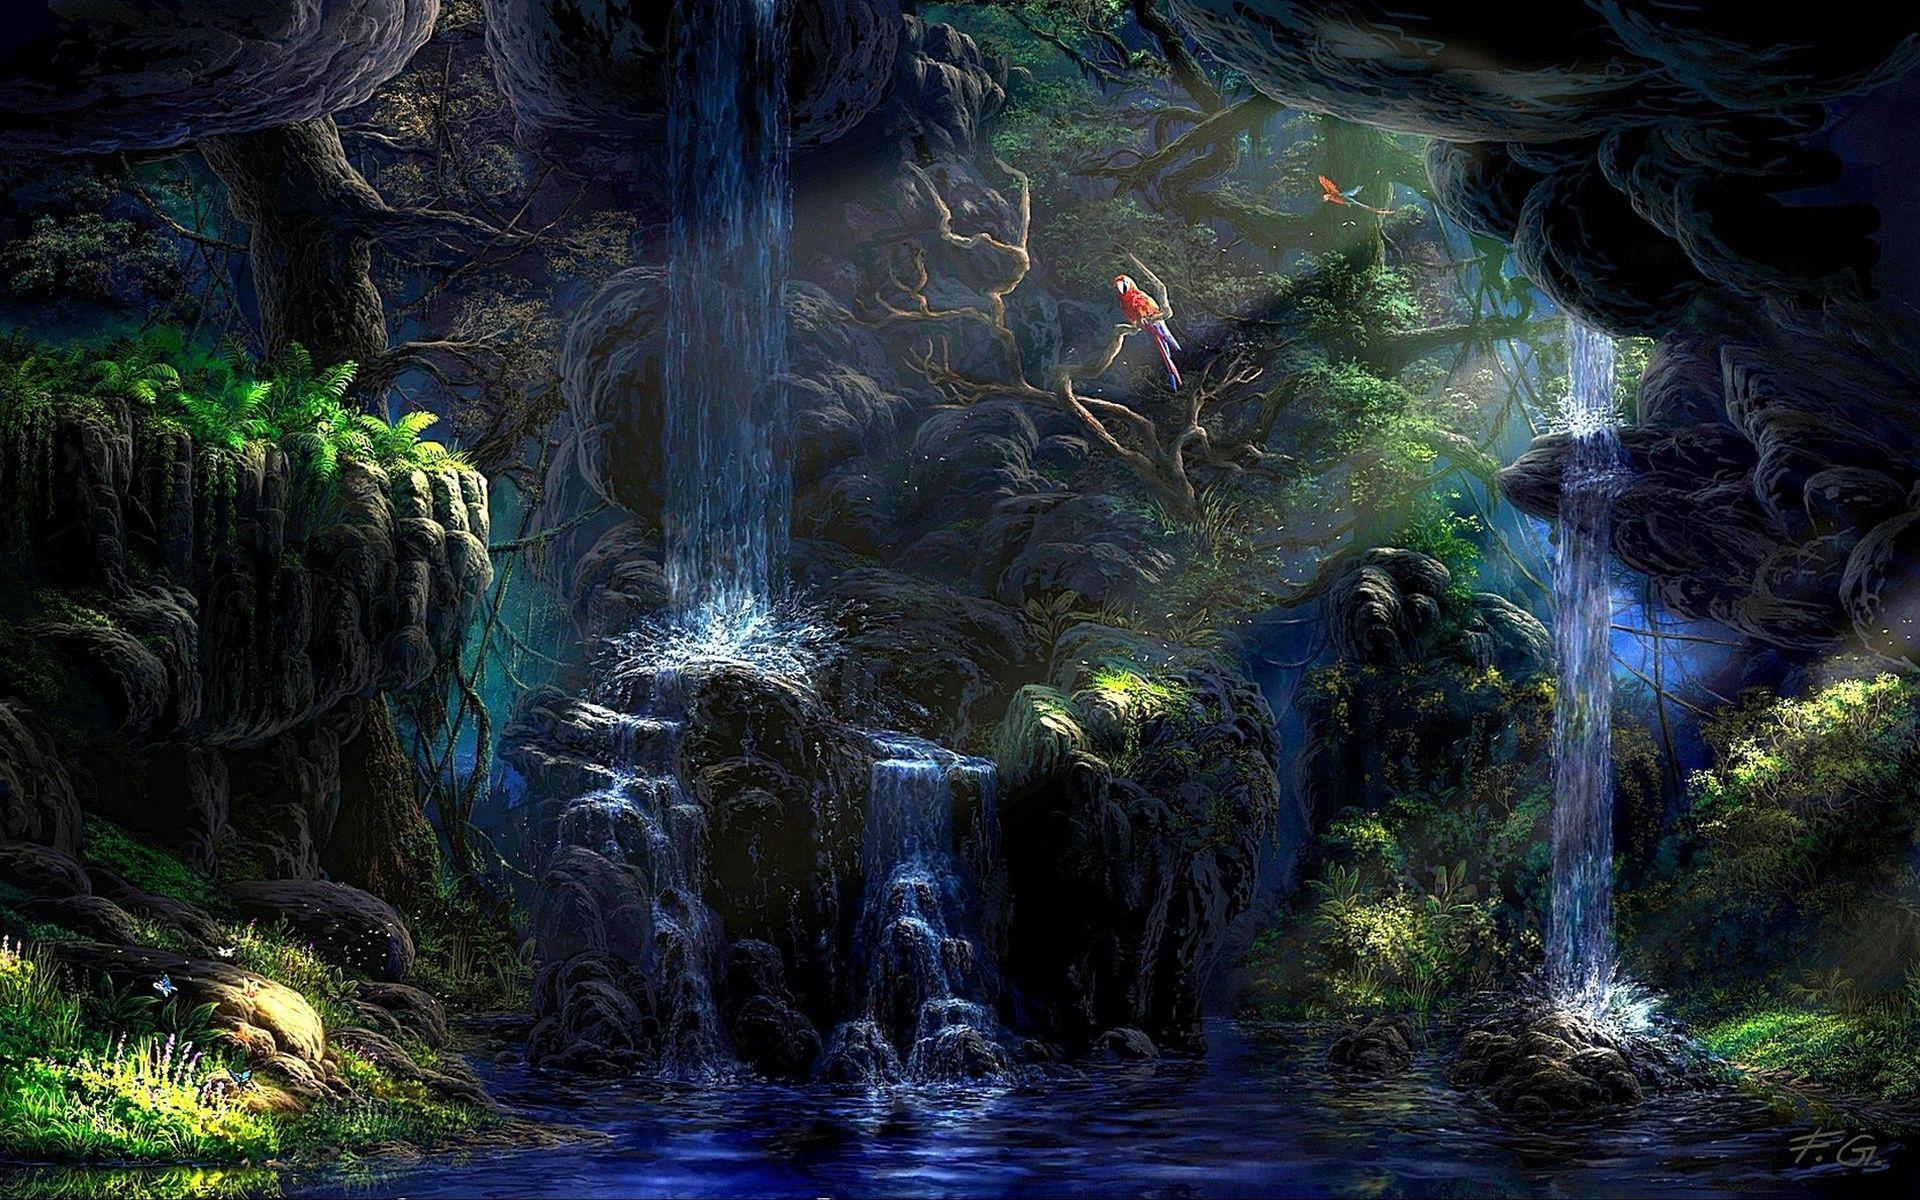 87781 Заставки и Обои Попугаи на телефон. Скачать Попугаи, Природа, Ночь, Скалы, Водопад, Растительность, Искусство картинки бесплатно